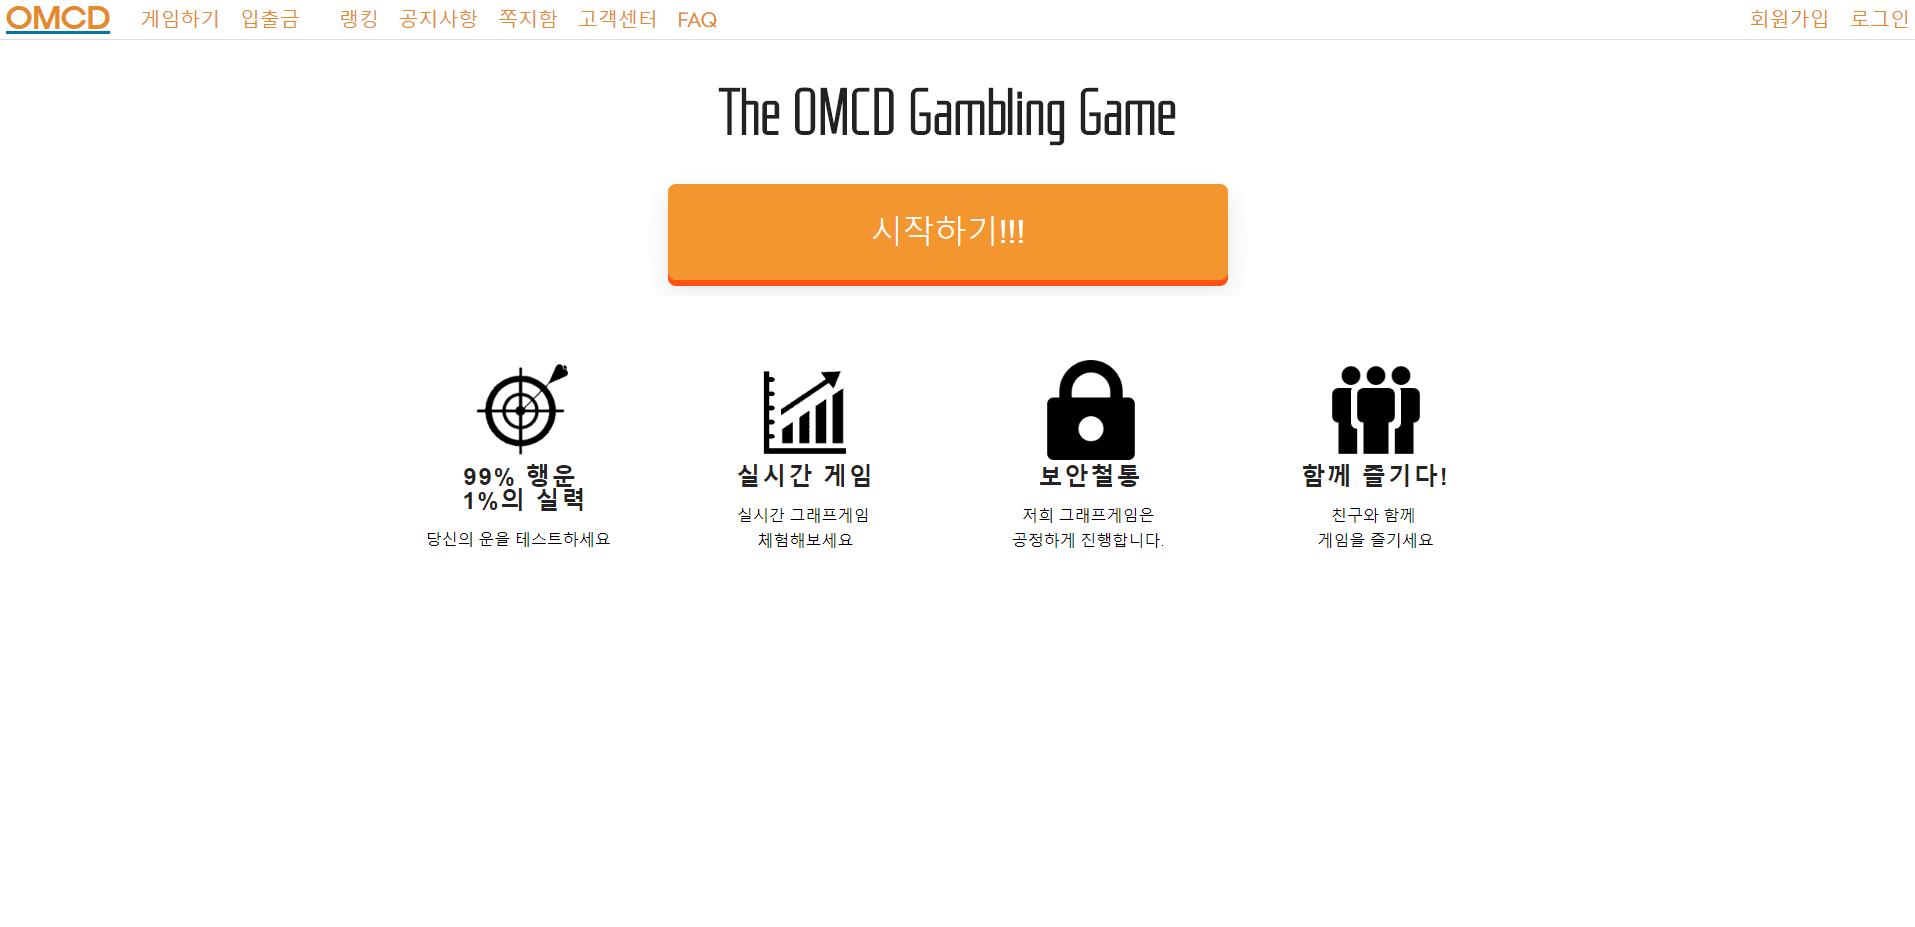 [먹튀검증]OMCD omcd369.com 먹튀사이트 확정 토토사이트 먹튀검증업체 토토안내소